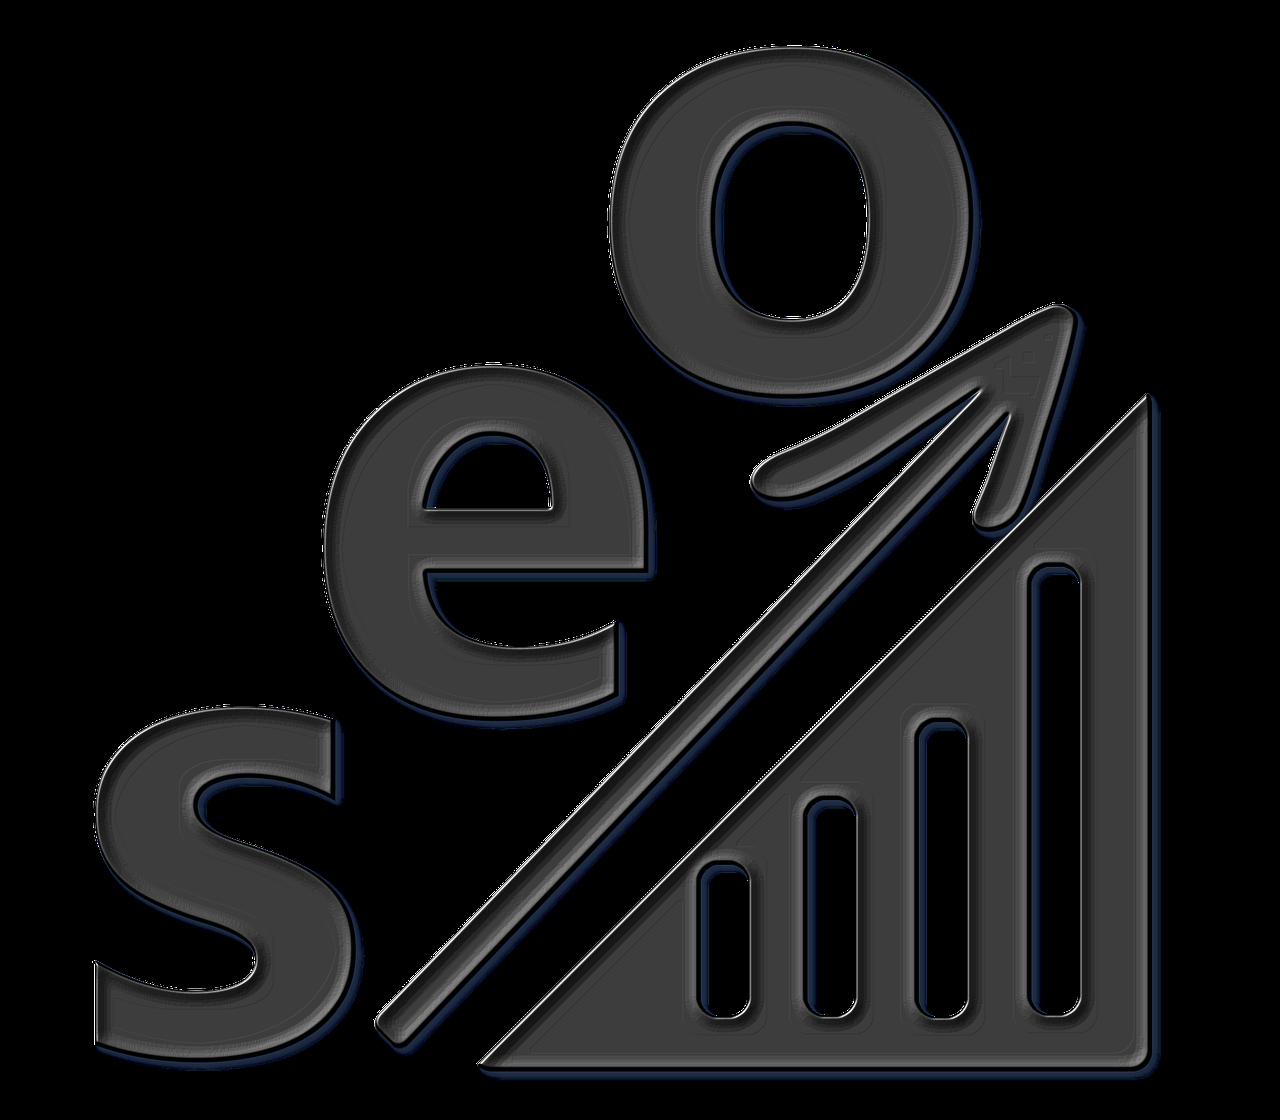 WordPressがSEOに強いといわれる5つの利点